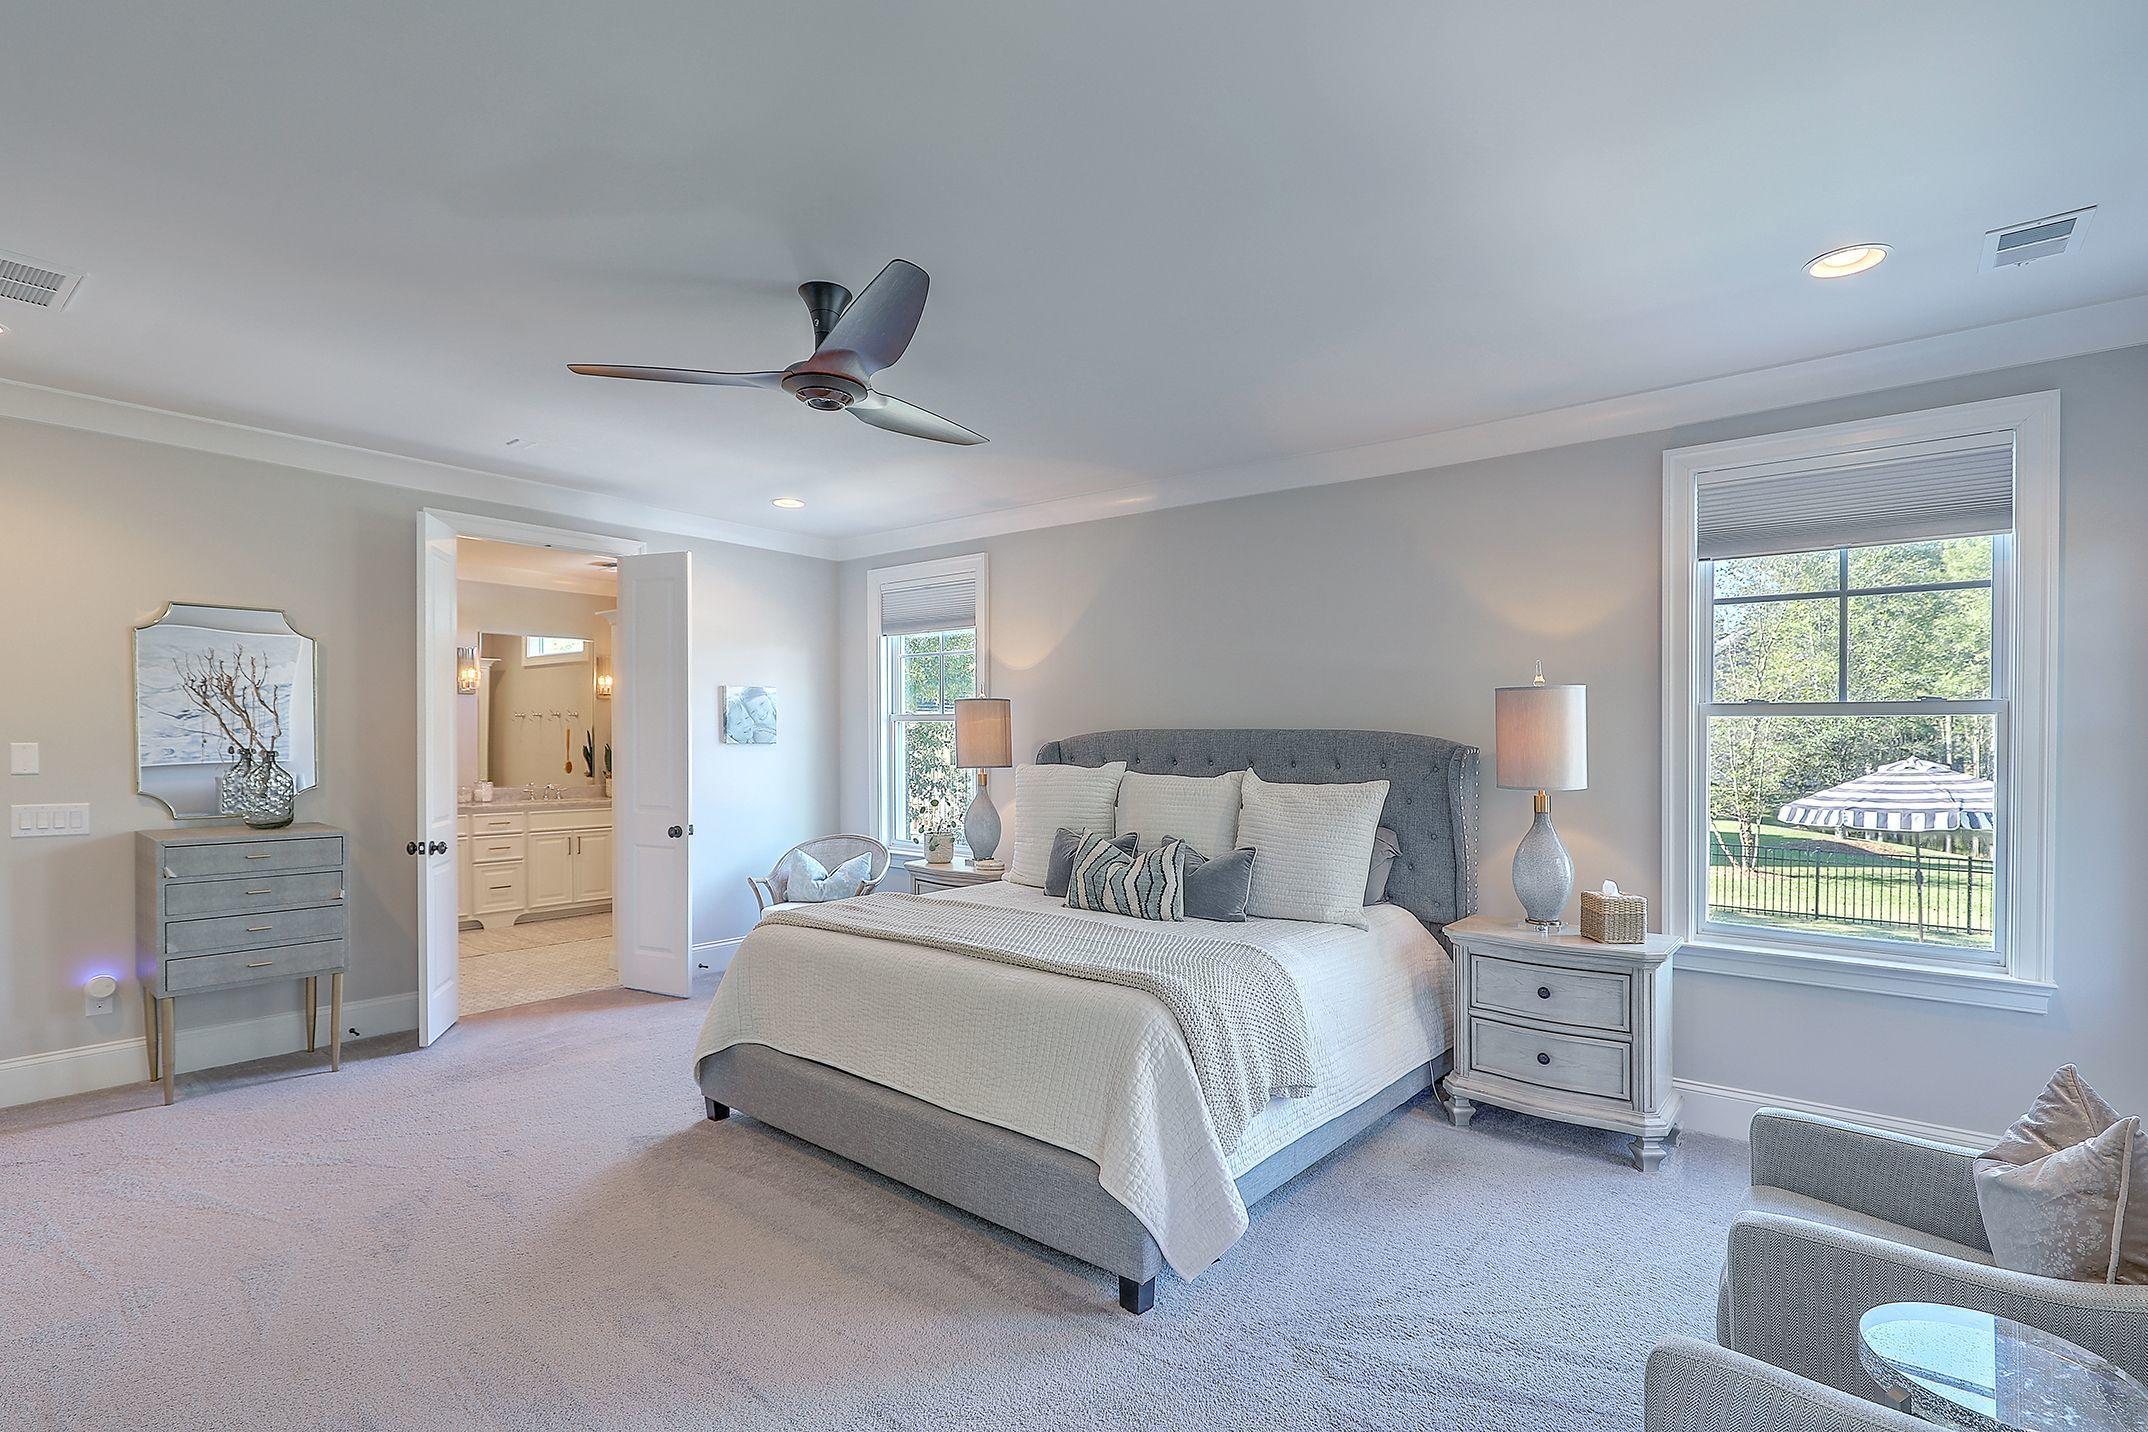 Park West Homes For Sale - 1587 Capel, Mount Pleasant, SC - 45